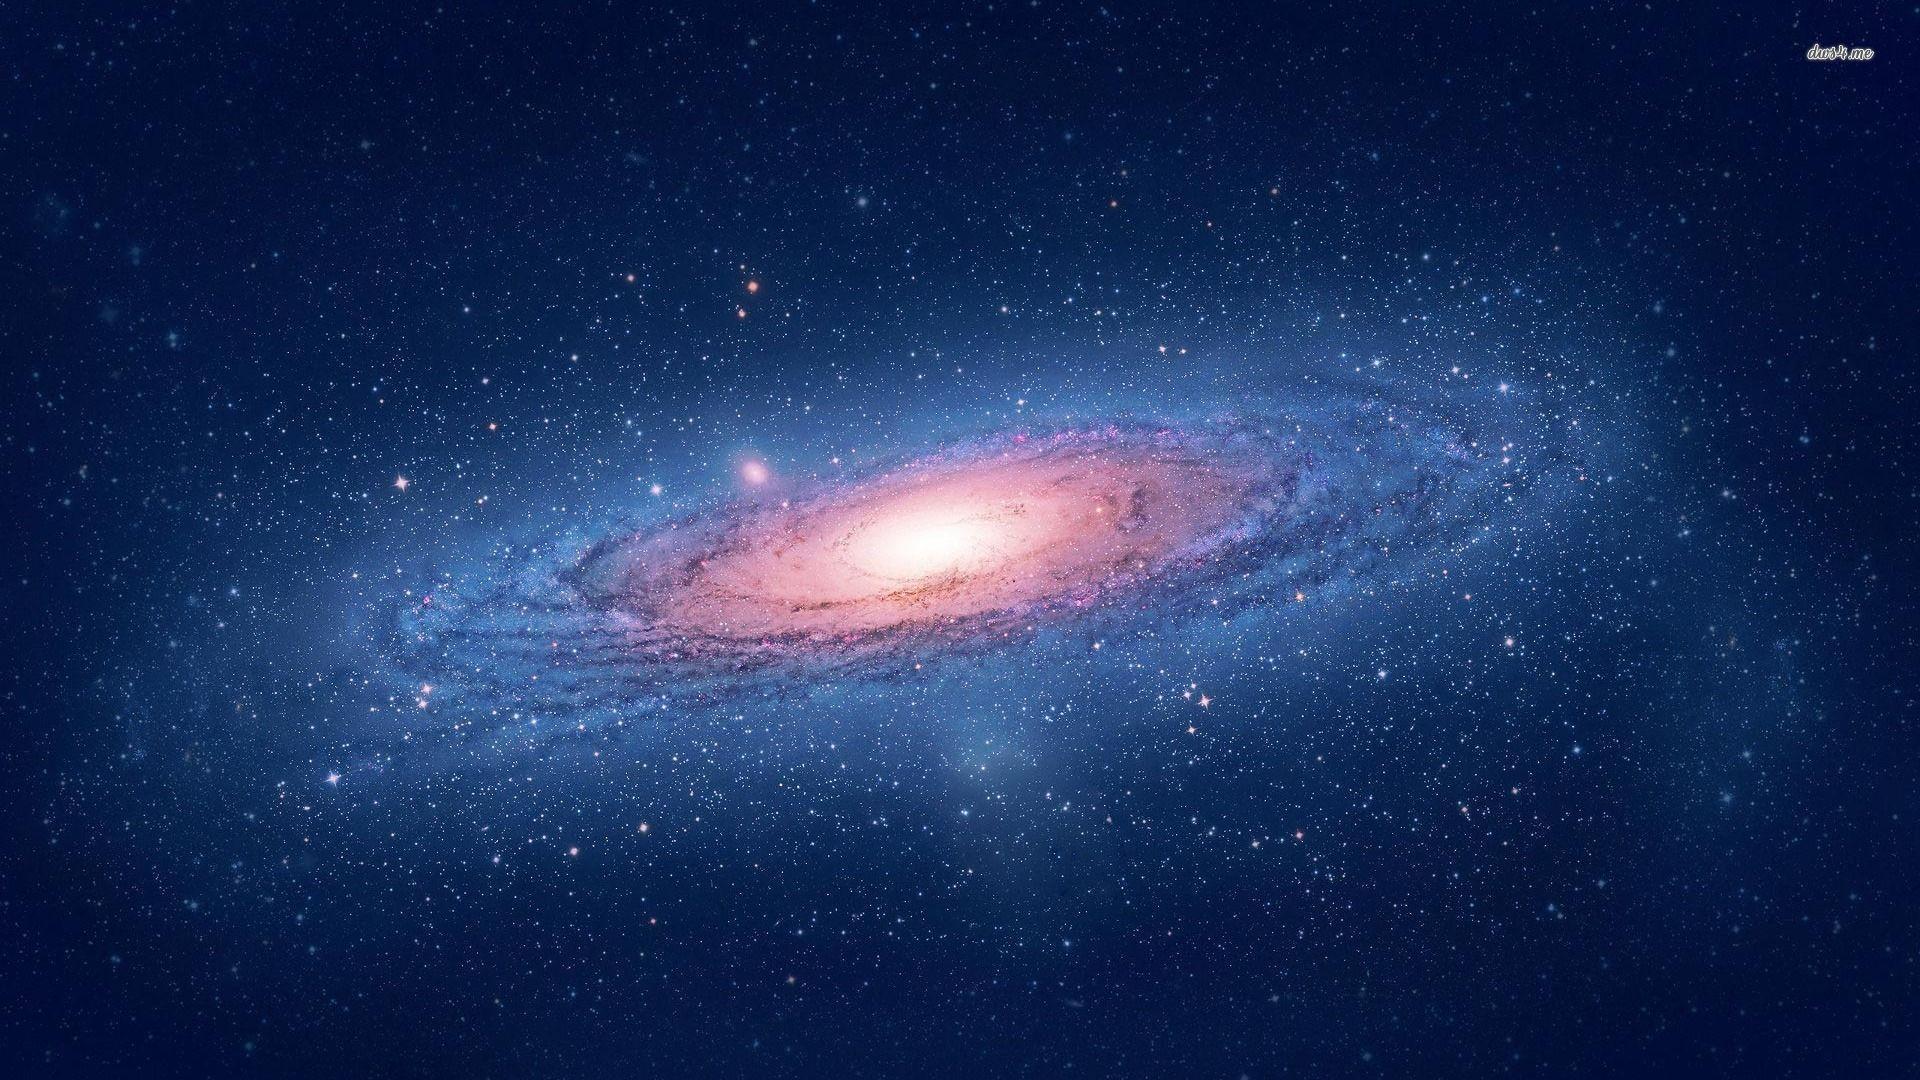 Nasa Galaxy Wallpapers Top Free Nasa Galaxy Backgrounds